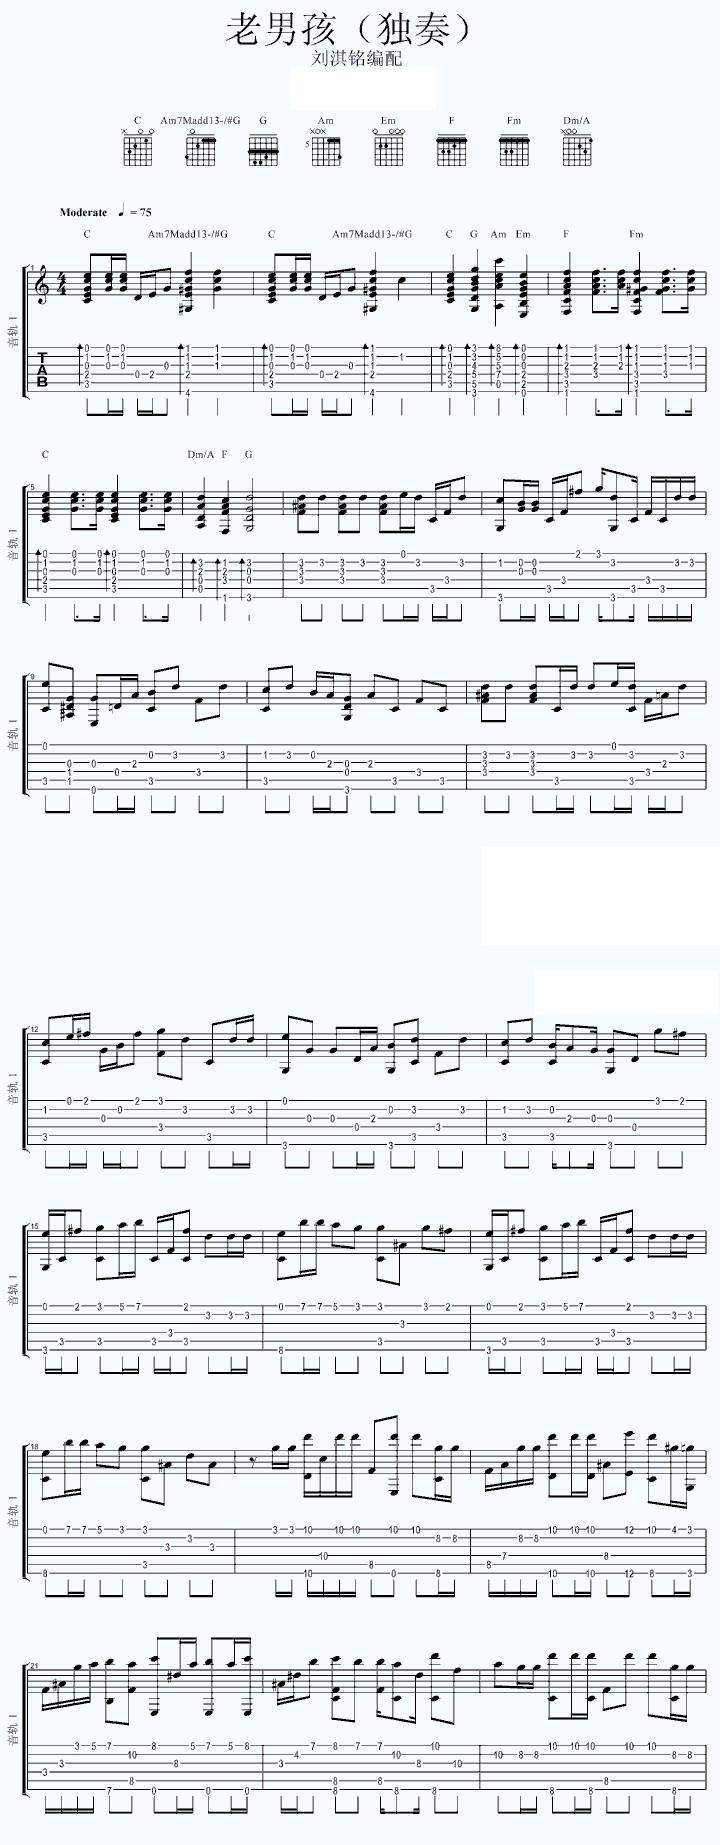 老男孩(独奏)的吉他谱